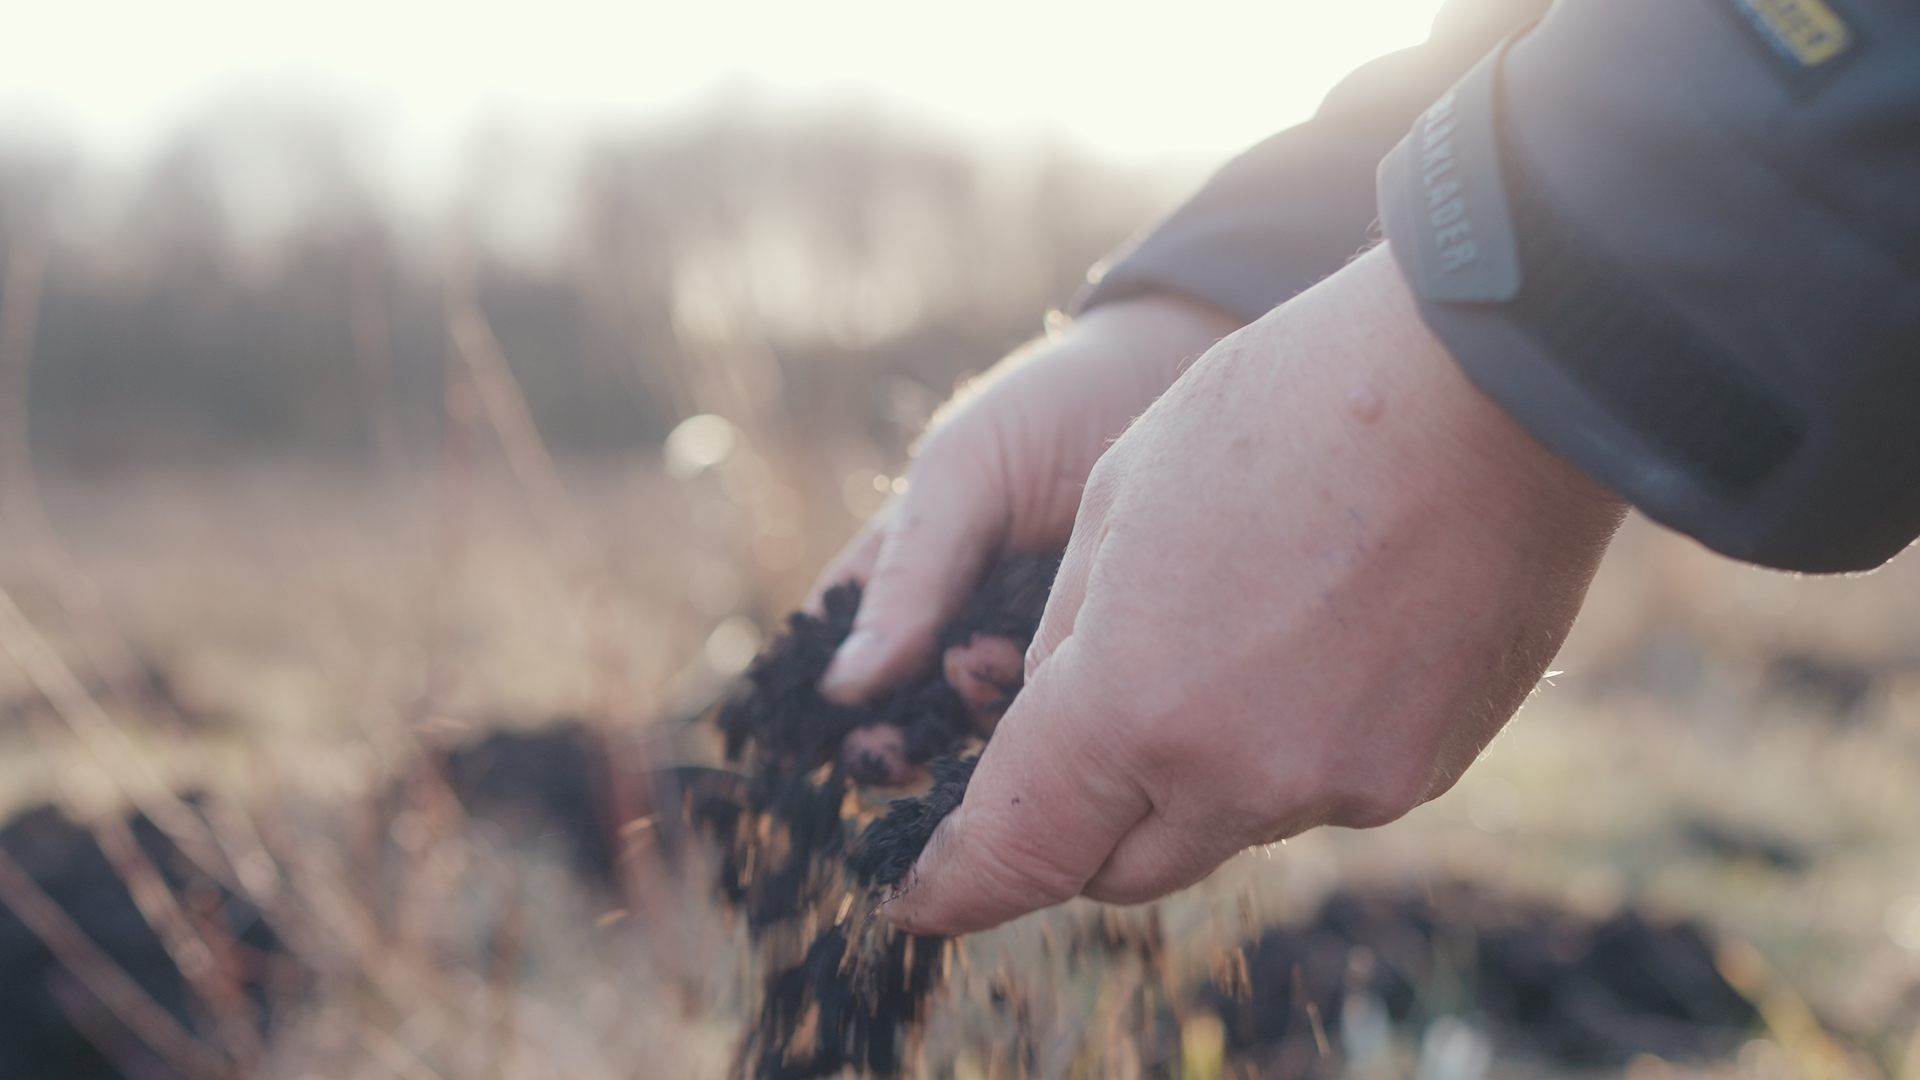 Kvægbonde: Jorden synker - så lad os nu tage den ud af drift og få naturen tilbage!